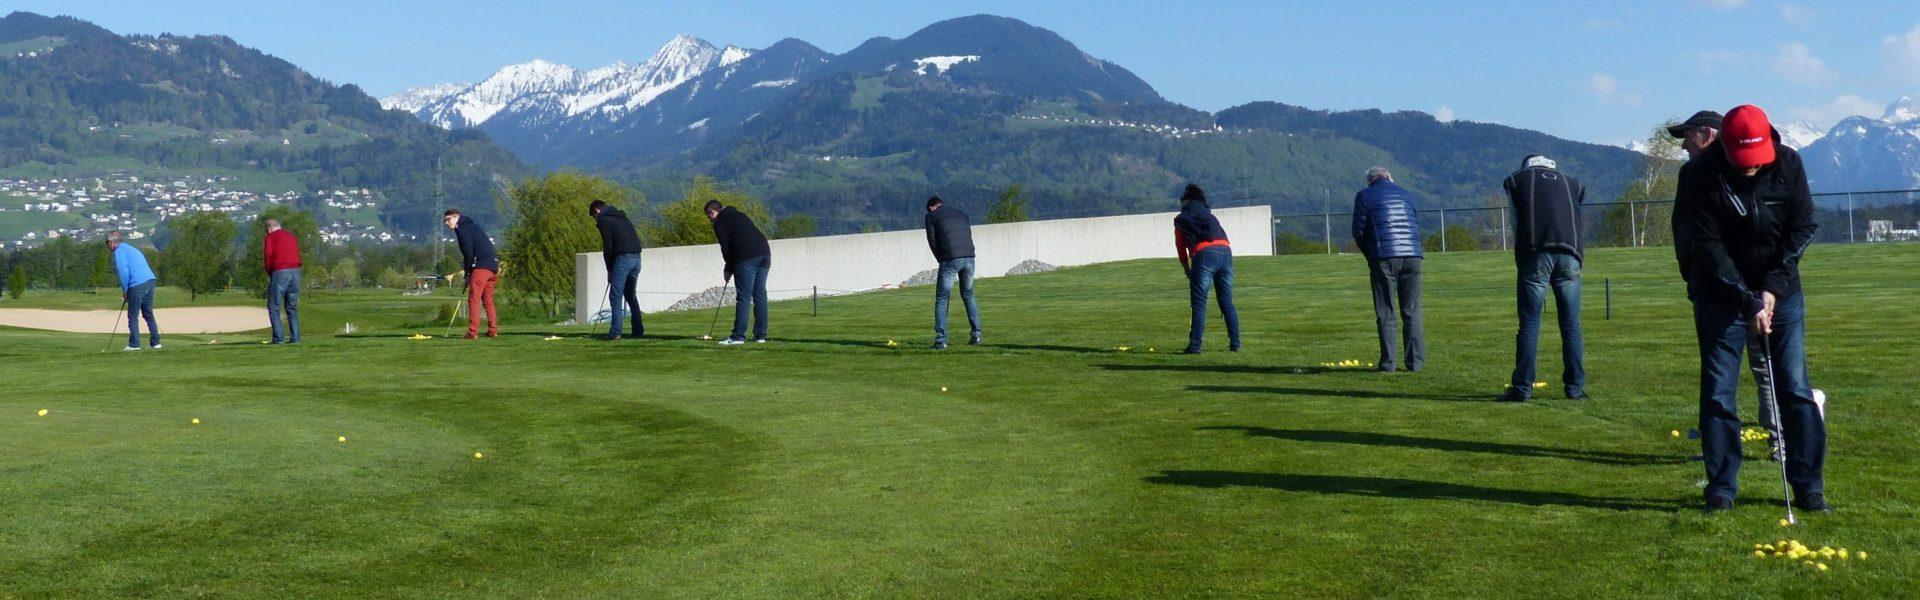 Golf Schnuppertag Vorarlberg (c) Golfpark Montfort Rankweil